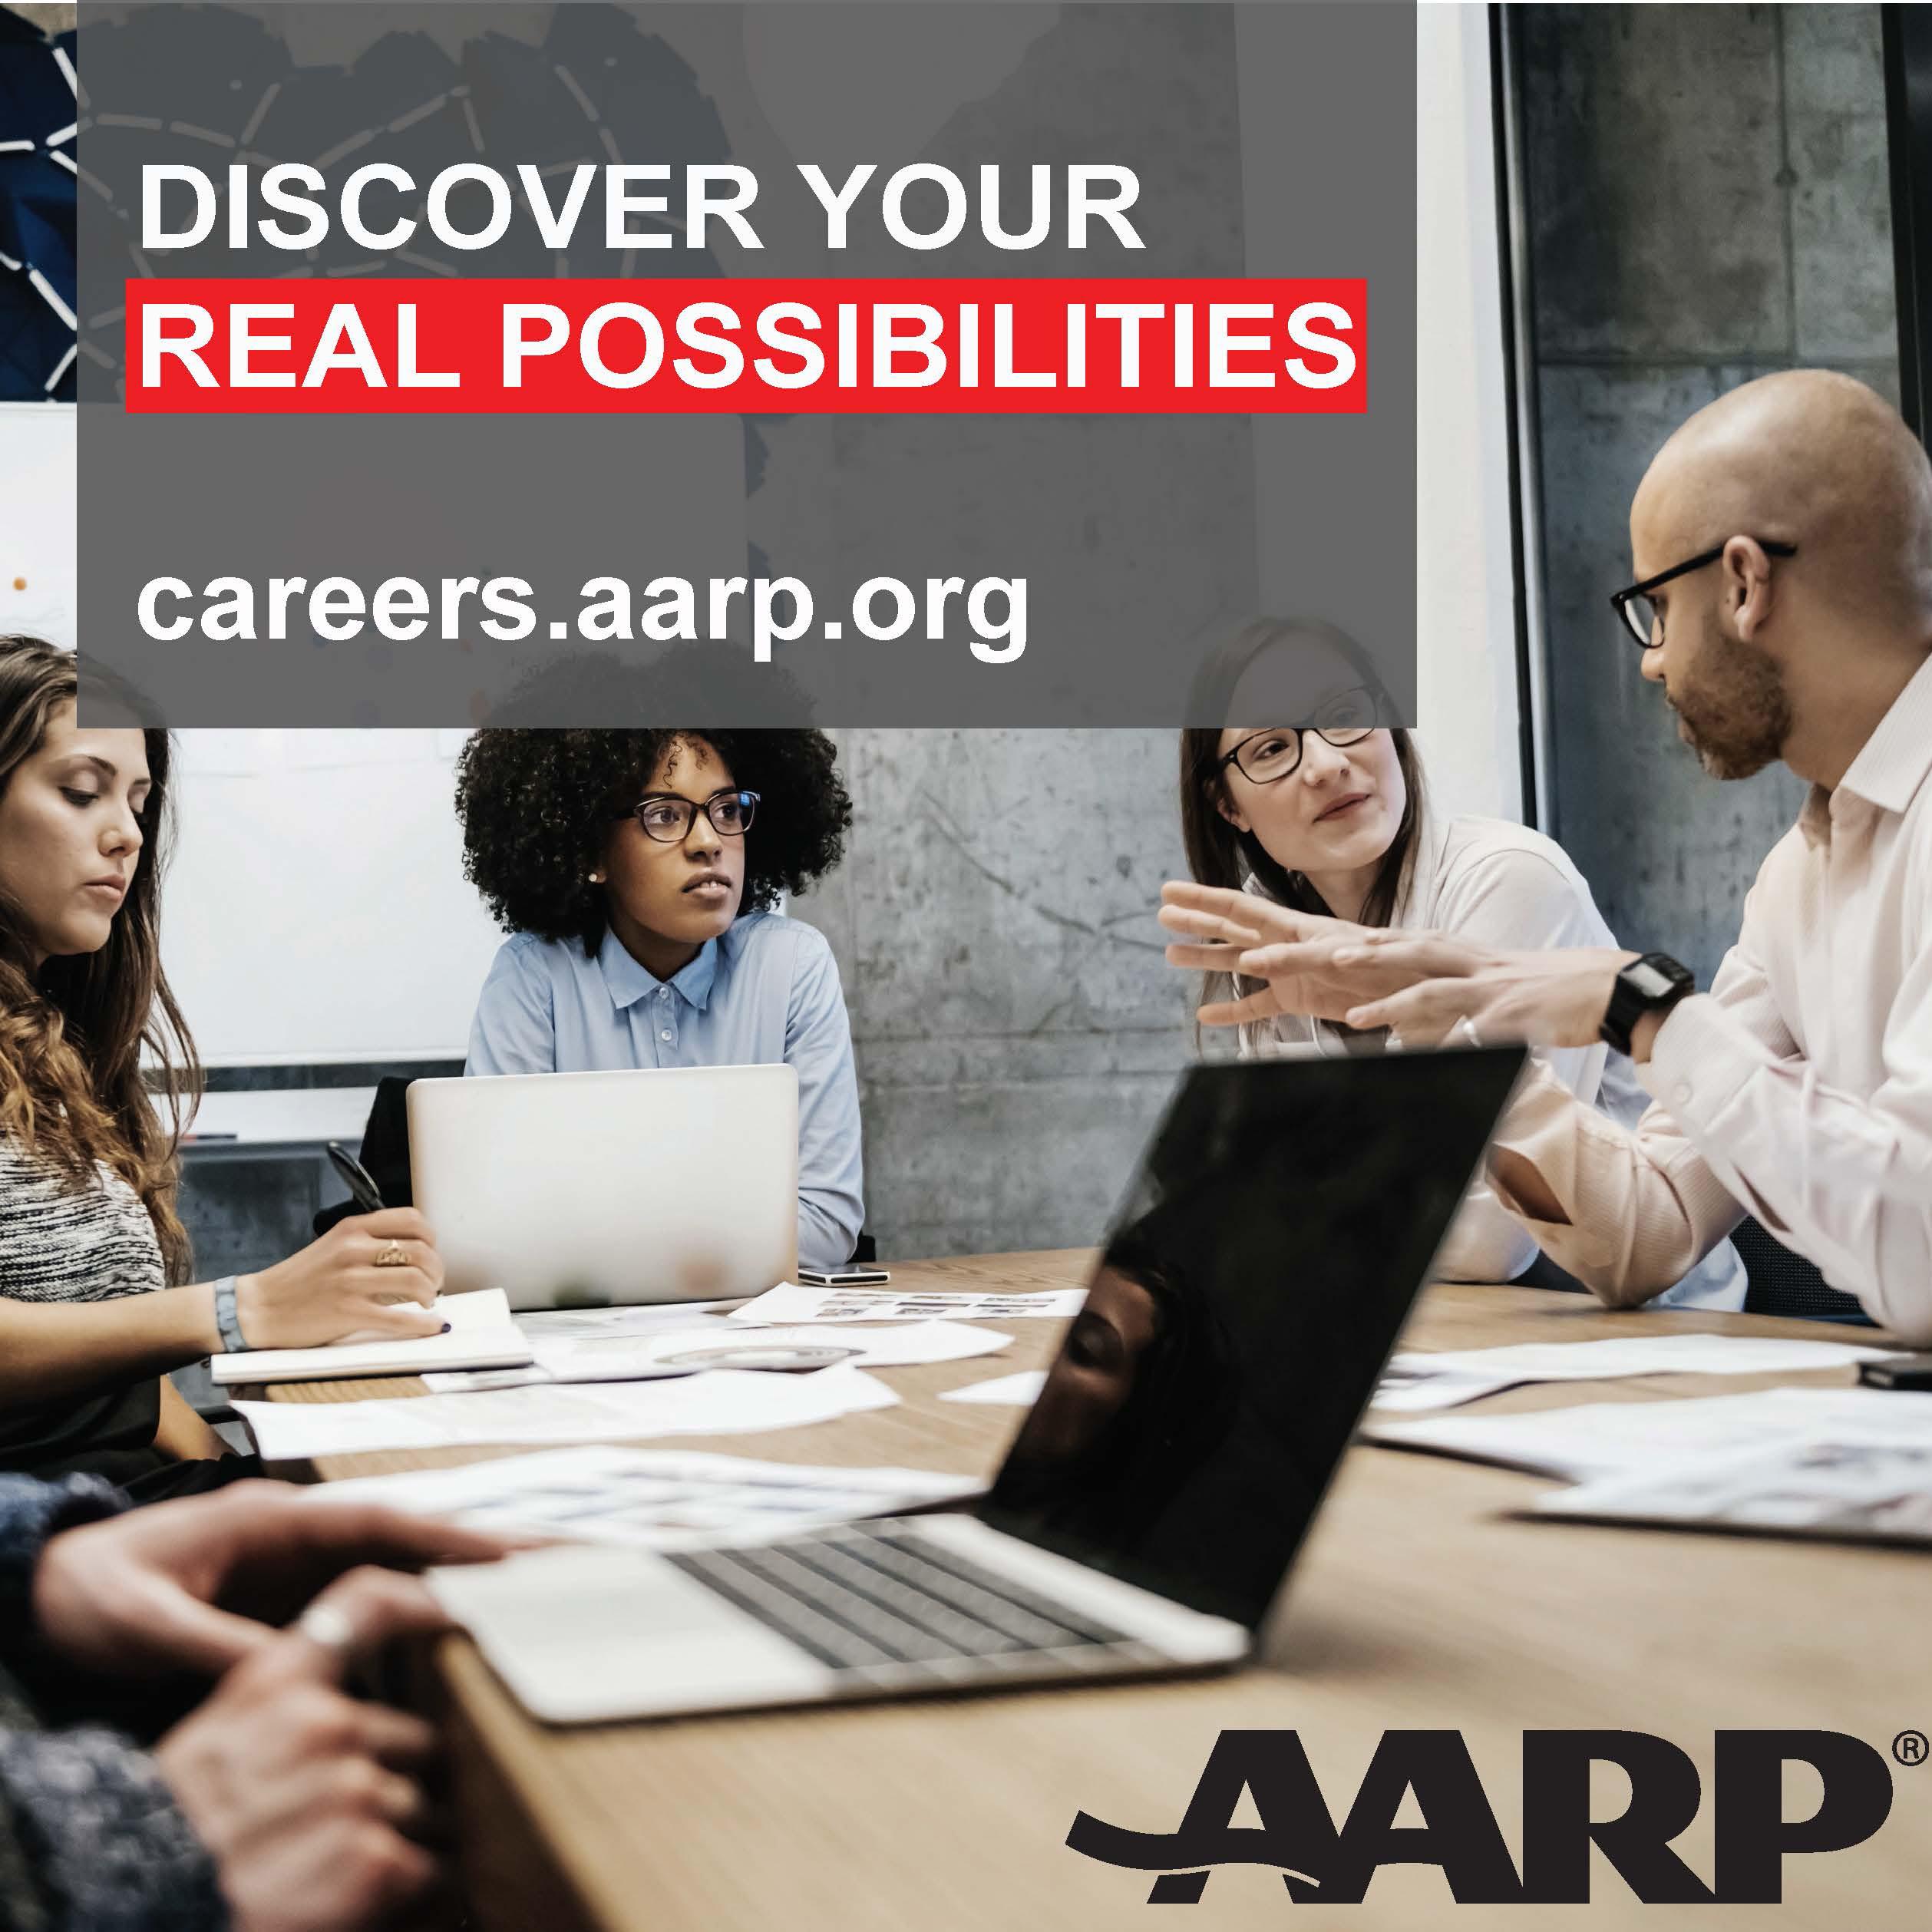 AARP Image